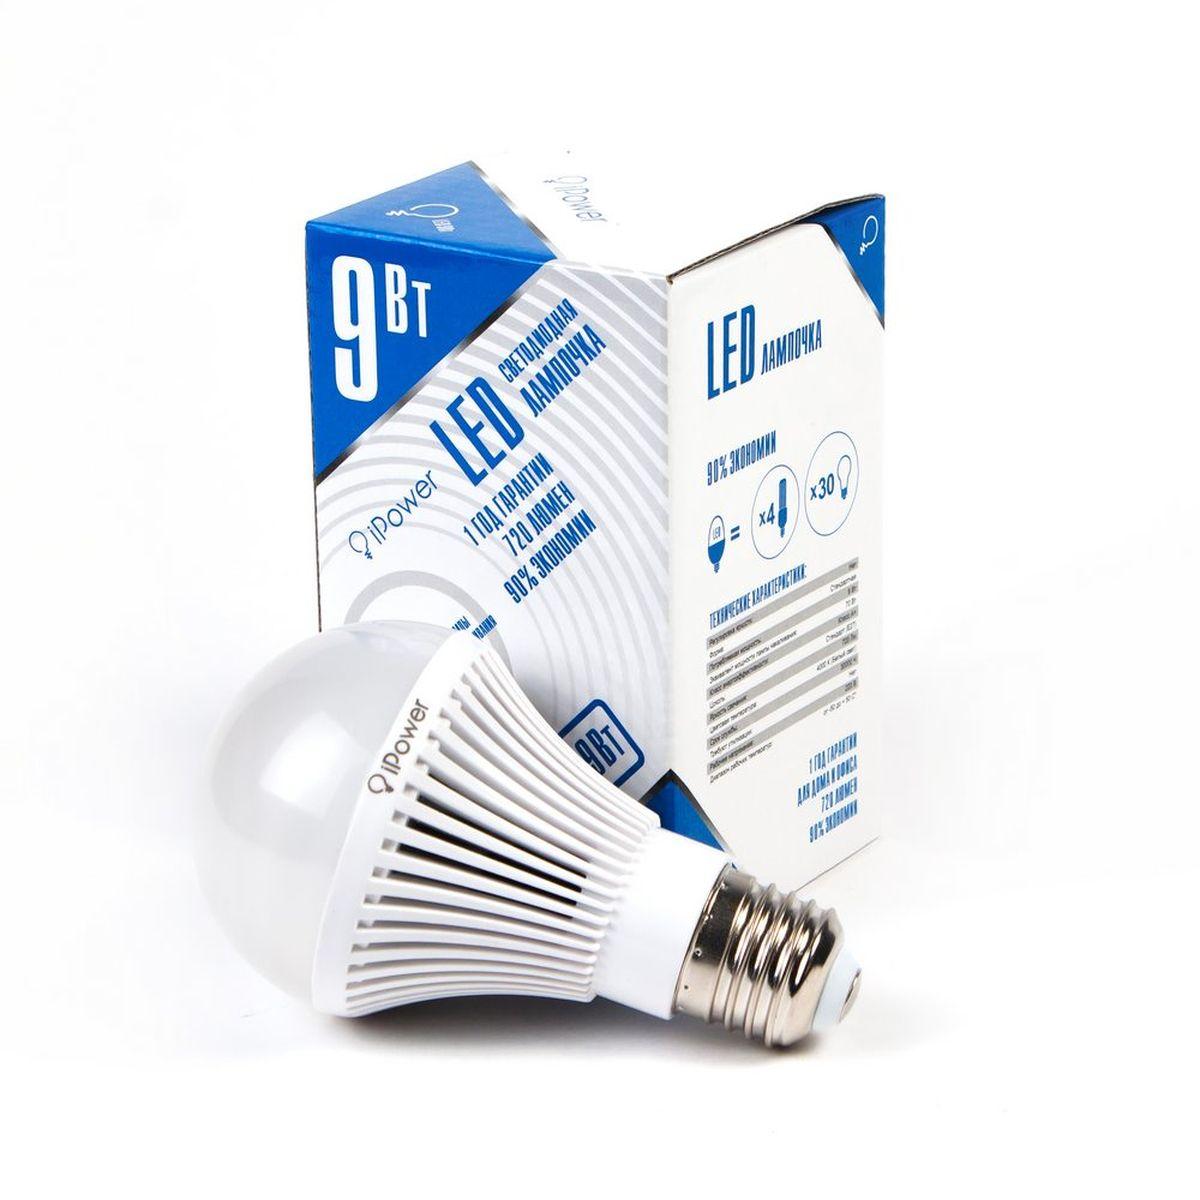 Лампа светодиодная iPower, цоколь Е27, 9W, 4000К1001953Светодиодная лампа iPower имеет очень низкое энергопотребление. В сравнении с лампами накаливания LED потребляет в 12 разменьше электричества, а в сравнении с энергосберегающими - в 2-4 раза меньше. При этом срок службы LED лампочки в 5 раз выше, чемэнергосберегающей, и в 50 раз выше, чем у лампы накаливания. Светодиодная лампа iPower создает мягкий рассеивающий свет безмерцаний, что совершенно безопасно для глаз. Она специально разработана по требованиям российских и европейских законов и подходит ковсем осветительным устройствам, совместимым со стандартным цоколем E27. Использование светодиодов от мирового лидера Epistar - этозалог надежной и стабильной работы лампы. Нейтральный белый оттенок свечения идеально подойдёт для освещения, как офисов,образовательных и медицинских учреждений, так и кухни, гостиной.Диапазон рабочих температур: от -50°C до +50°С.Материал: поликарбонат.Потребляемая мощность: 9 Вт.Рабочее напряжение: 220В.Световая температура: 4000К (белый свет).Срок службы: 30000 часов.Форма: стандарт.Цоколь: стандарт (E27).Эквивалент мощности лампы накаливания: 70 Вт.Яркость свечения: 720 Лм.